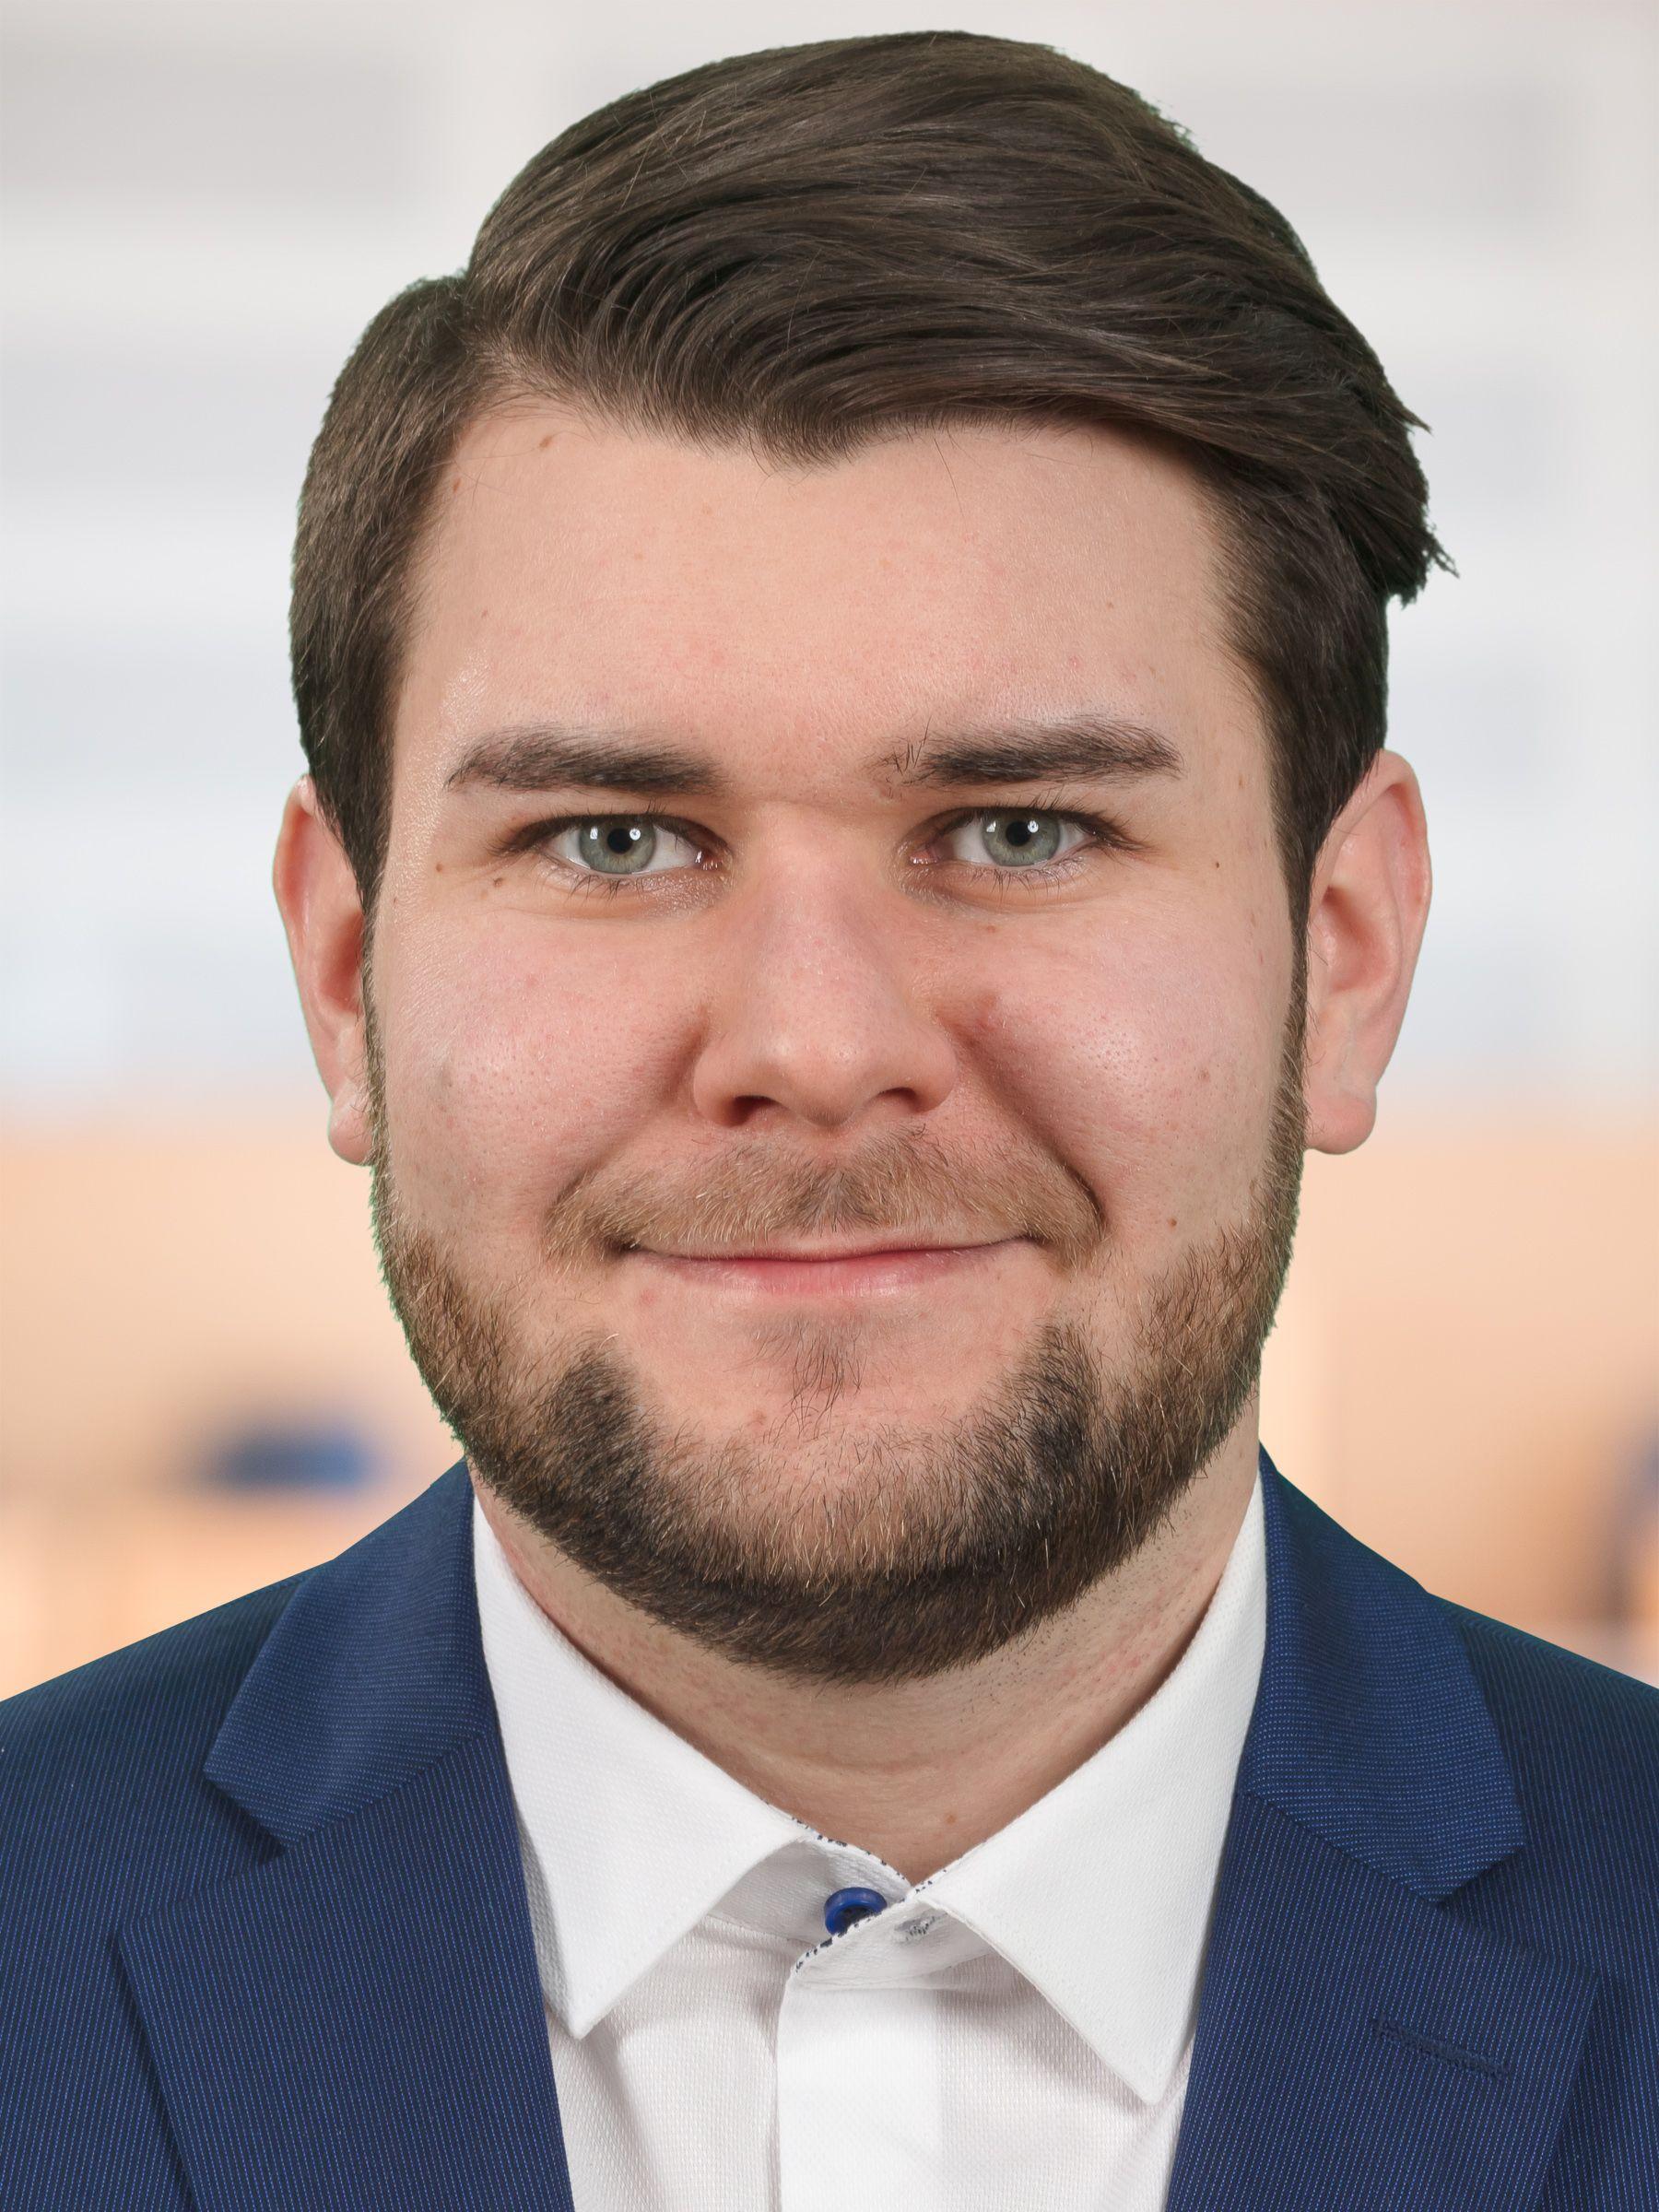 CDU Fraktion des Saarlandes: Digitalisierung: Zeigen, dass wir E-Government können!